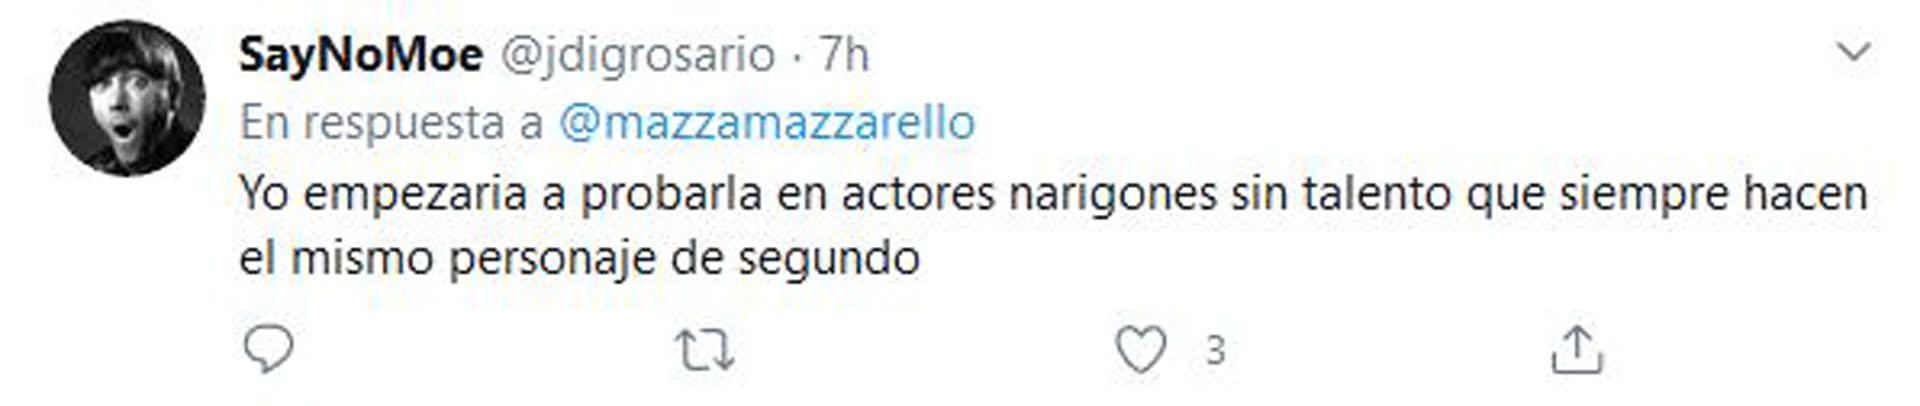 Algunos de los comentarios -a favor y en contra- que despertó el mensaje de Mazzarello (Fotos: Twitter)